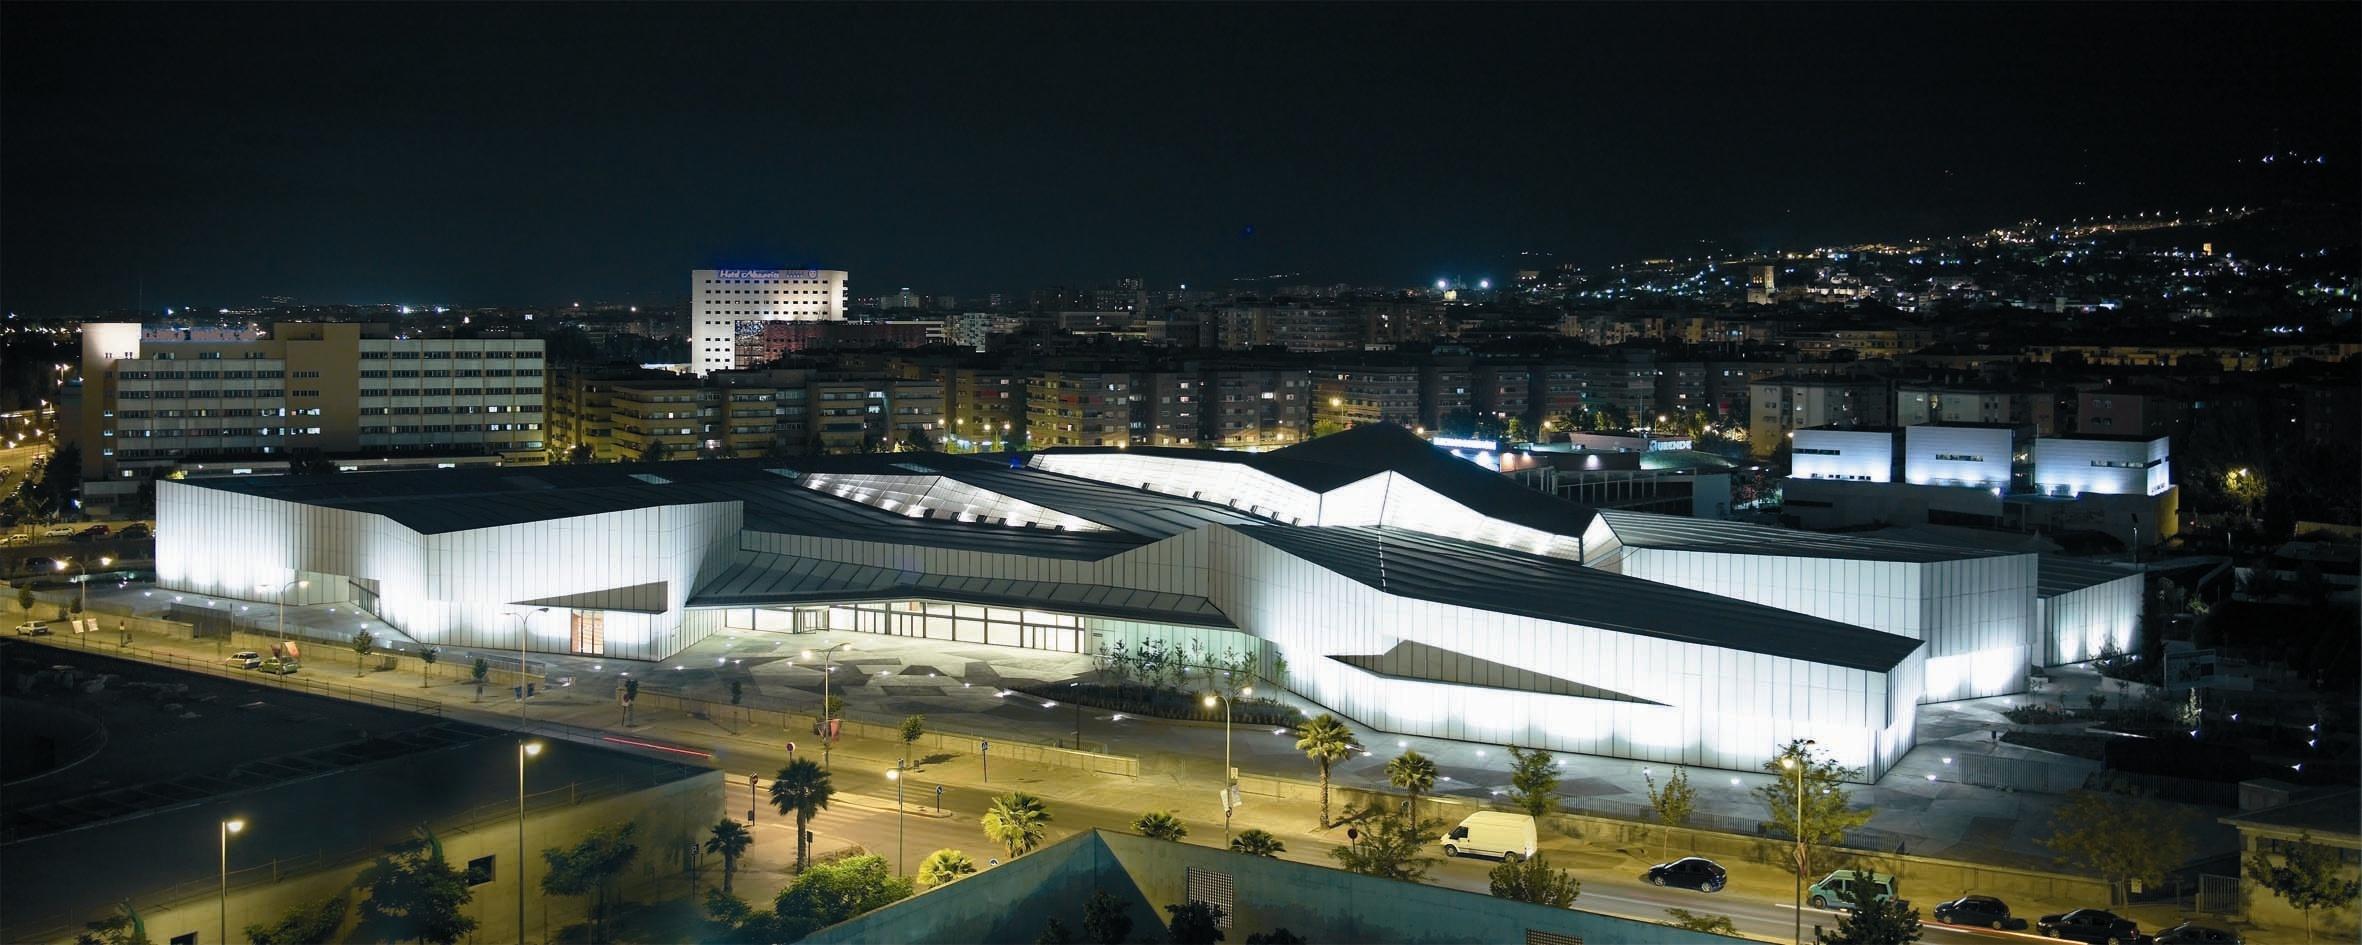 El Parque de las Ciencias será la sede del XXI Congreso Estatal de Astronomía en 2014